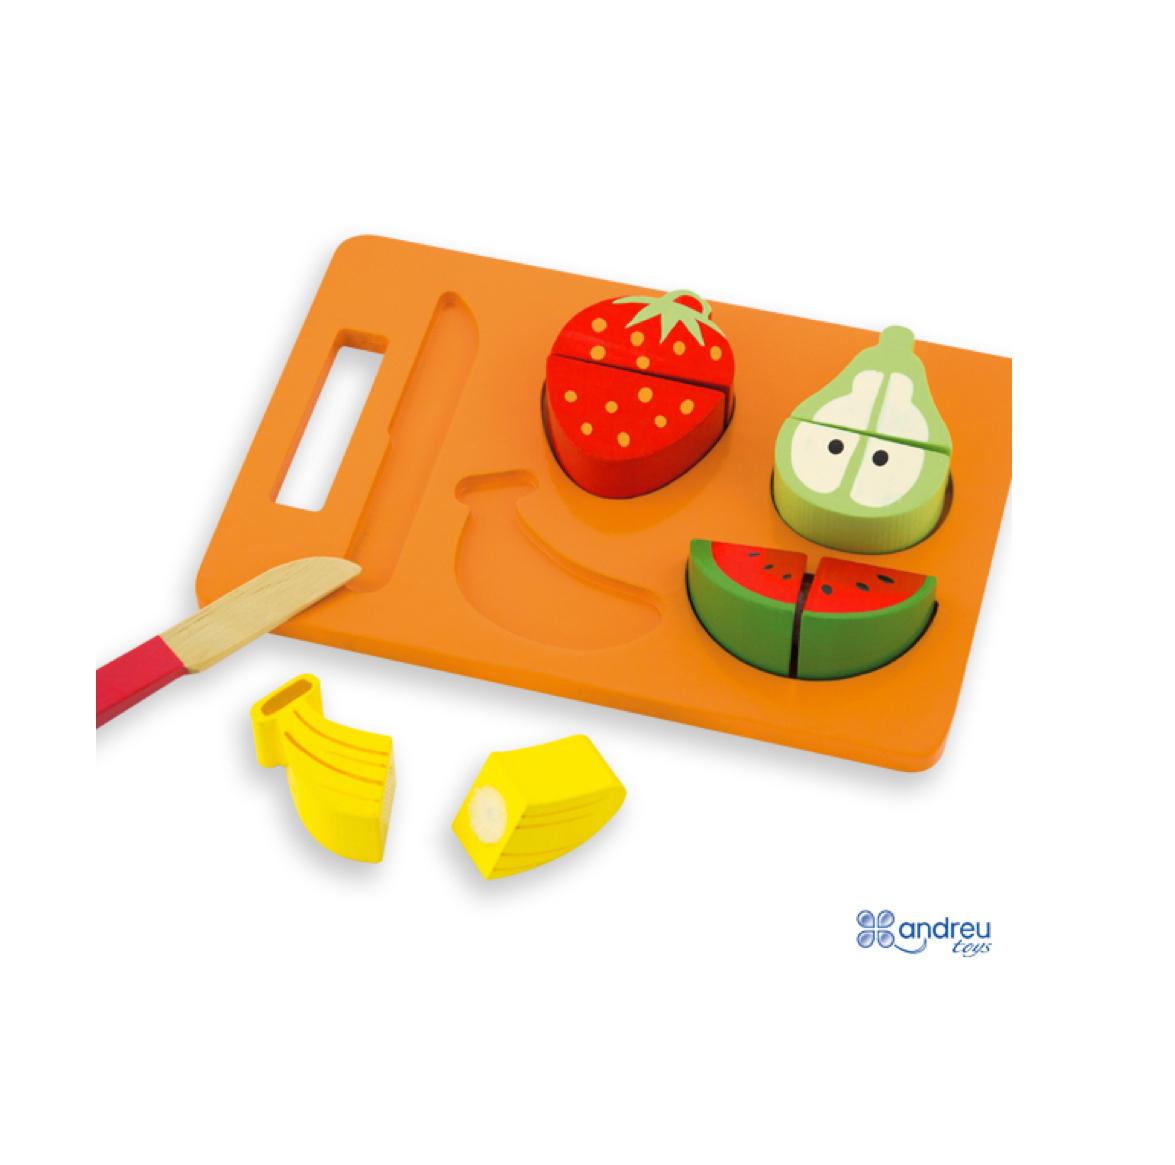 bandeja-de-frutas-de-madera-de-andreu-toys-en-el-mundo-de-mico-2